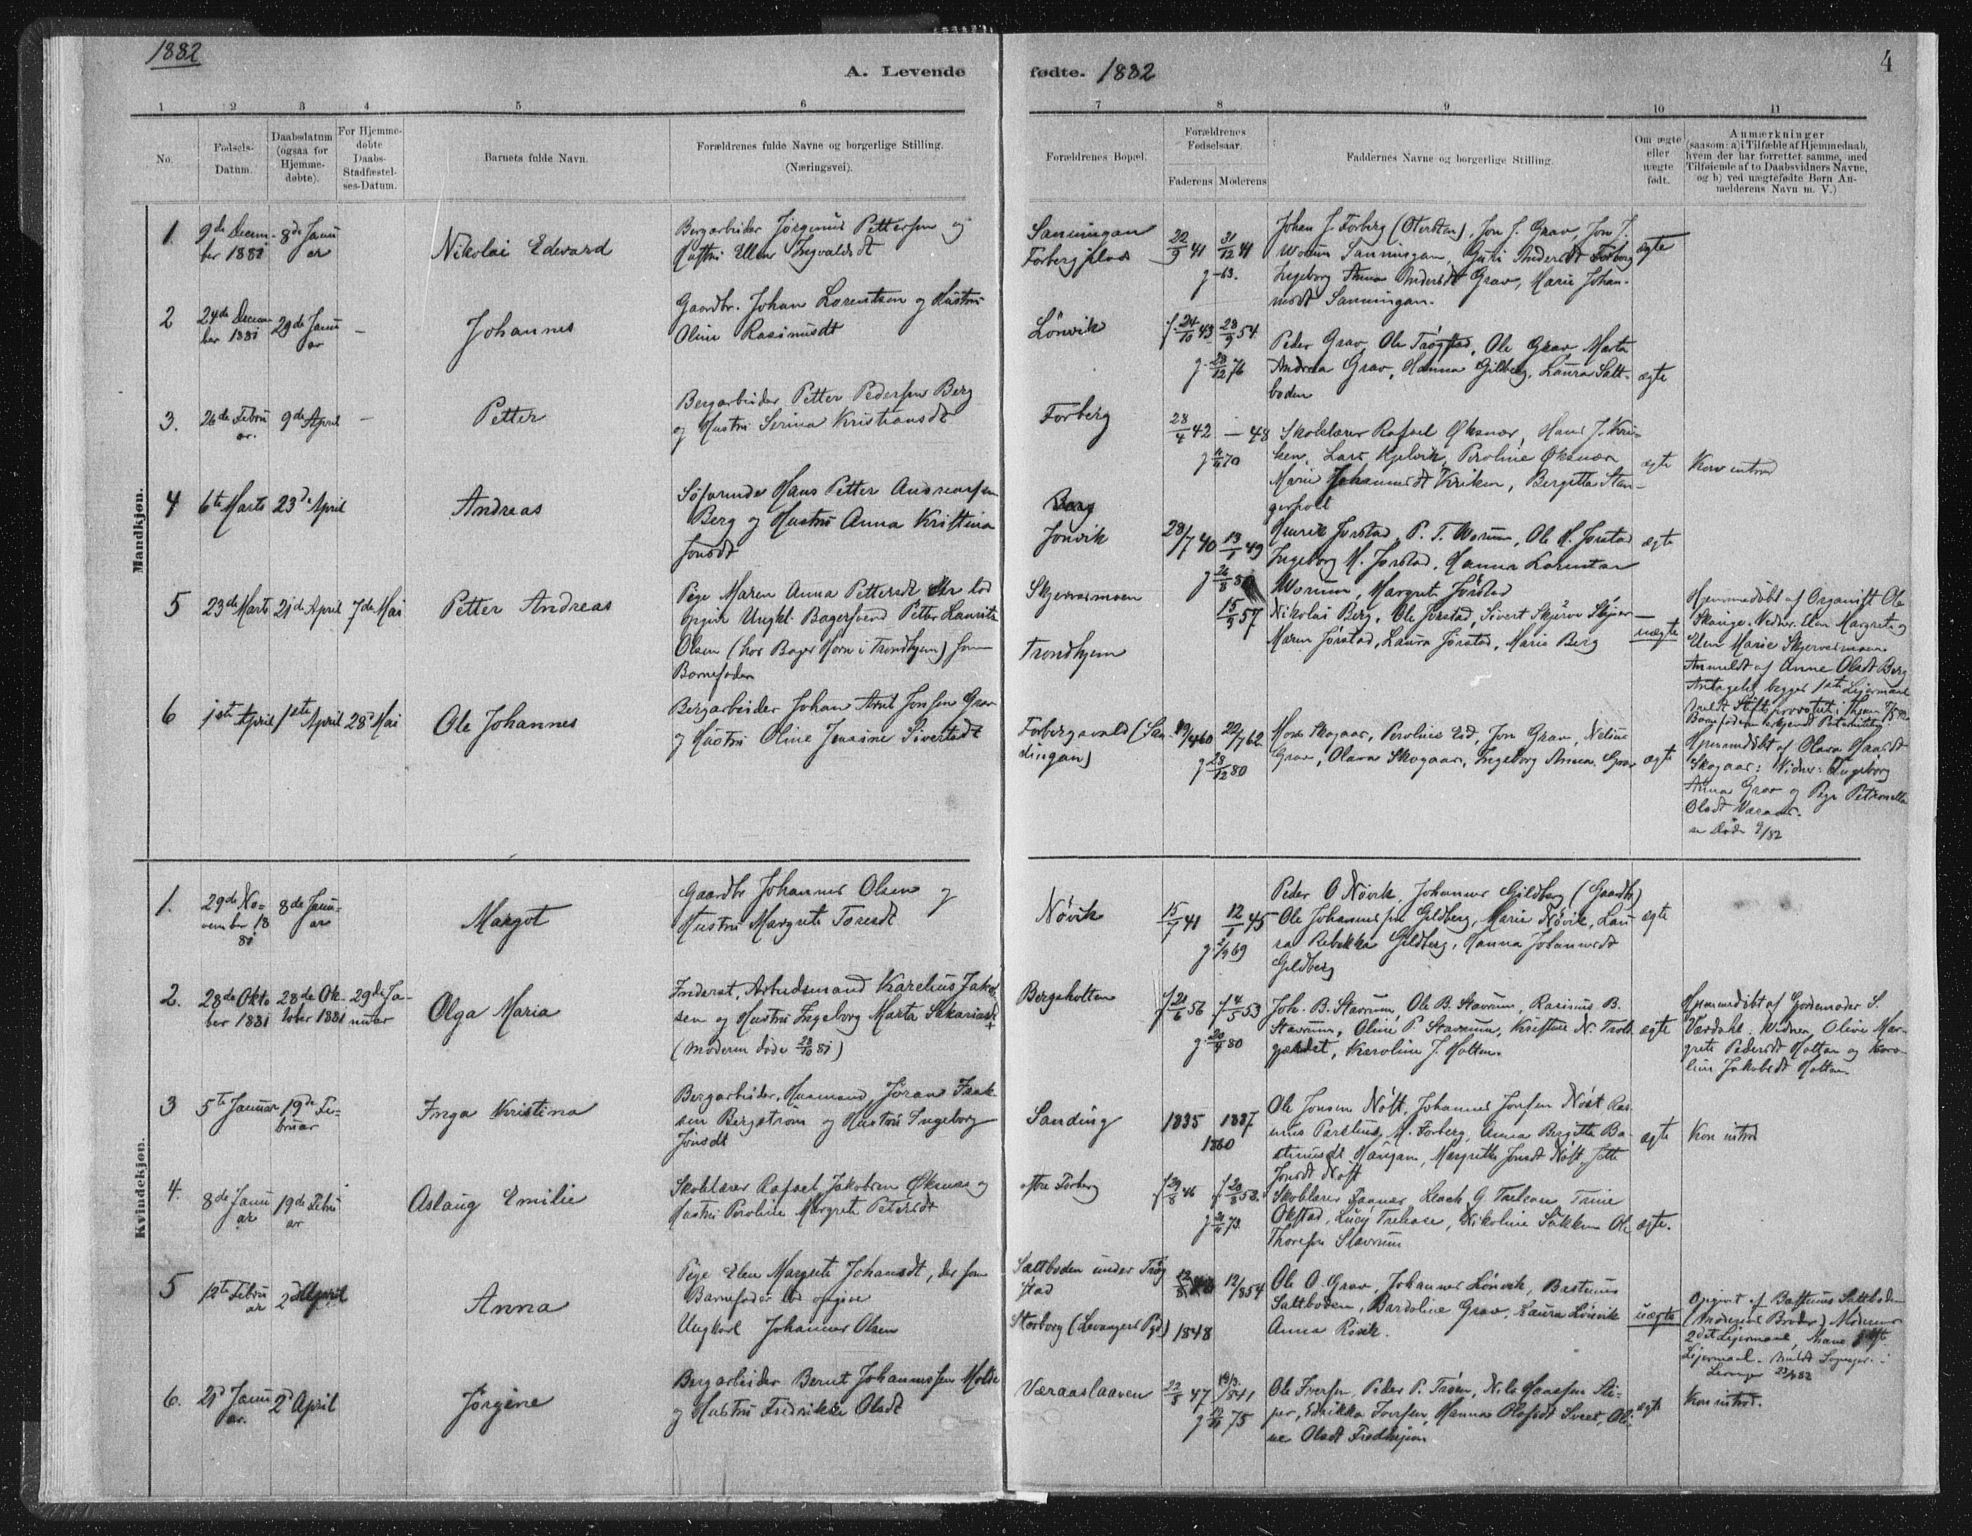 SAT, Ministerialprotokoller, klokkerbøker og fødselsregistre - Nord-Trøndelag, 722/L0220: Ministerialbok nr. 722A07, 1881-1908, s. 4